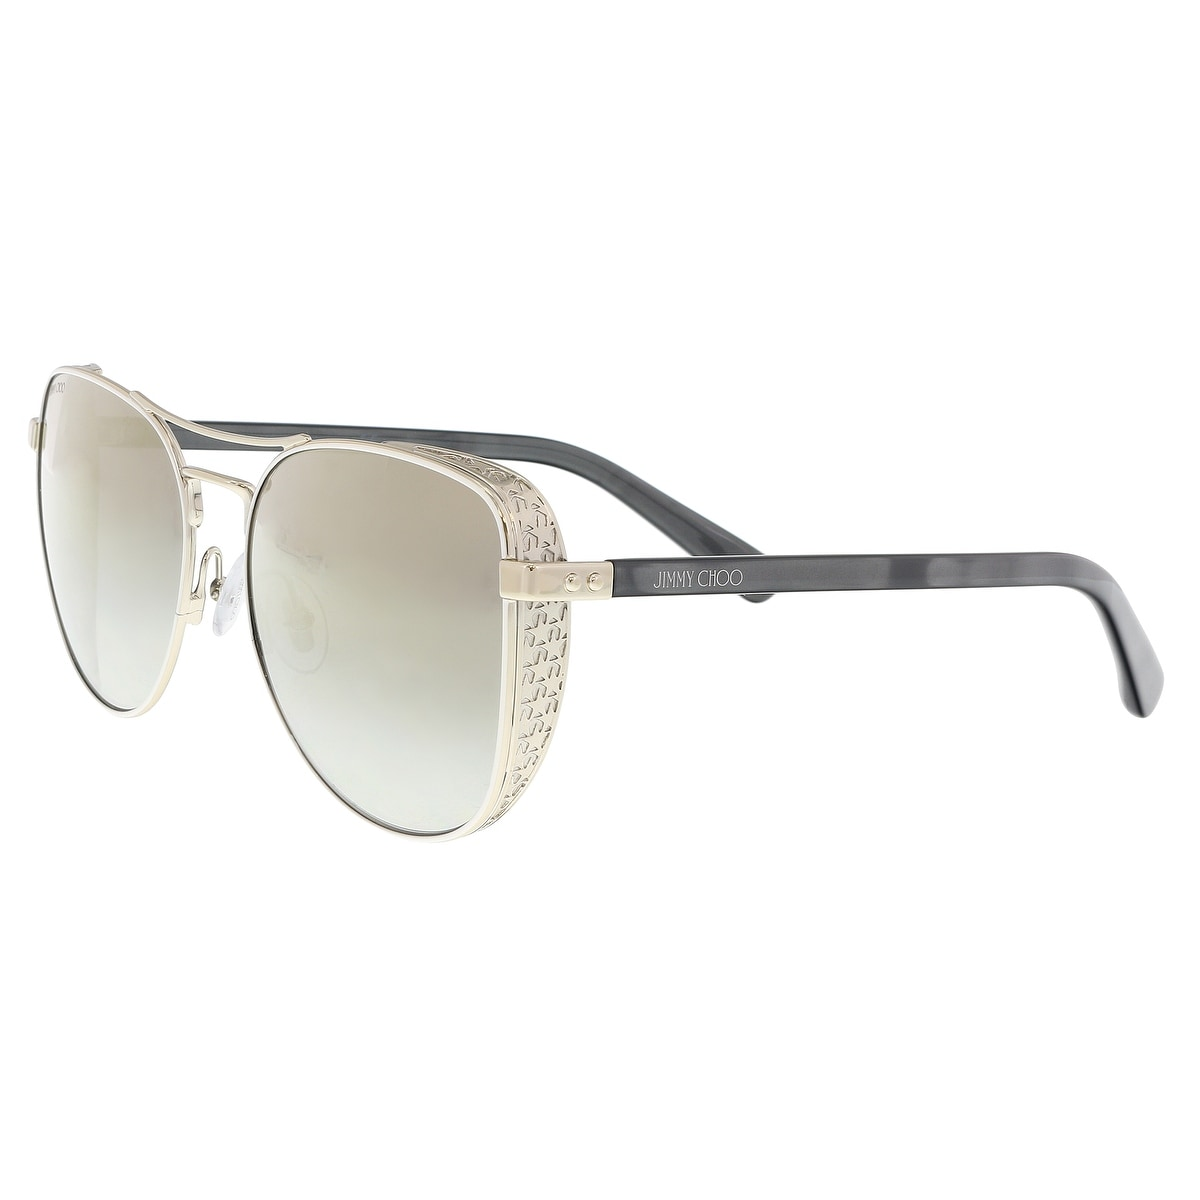 6e0665d19f Jimmy Choo Sunglasses